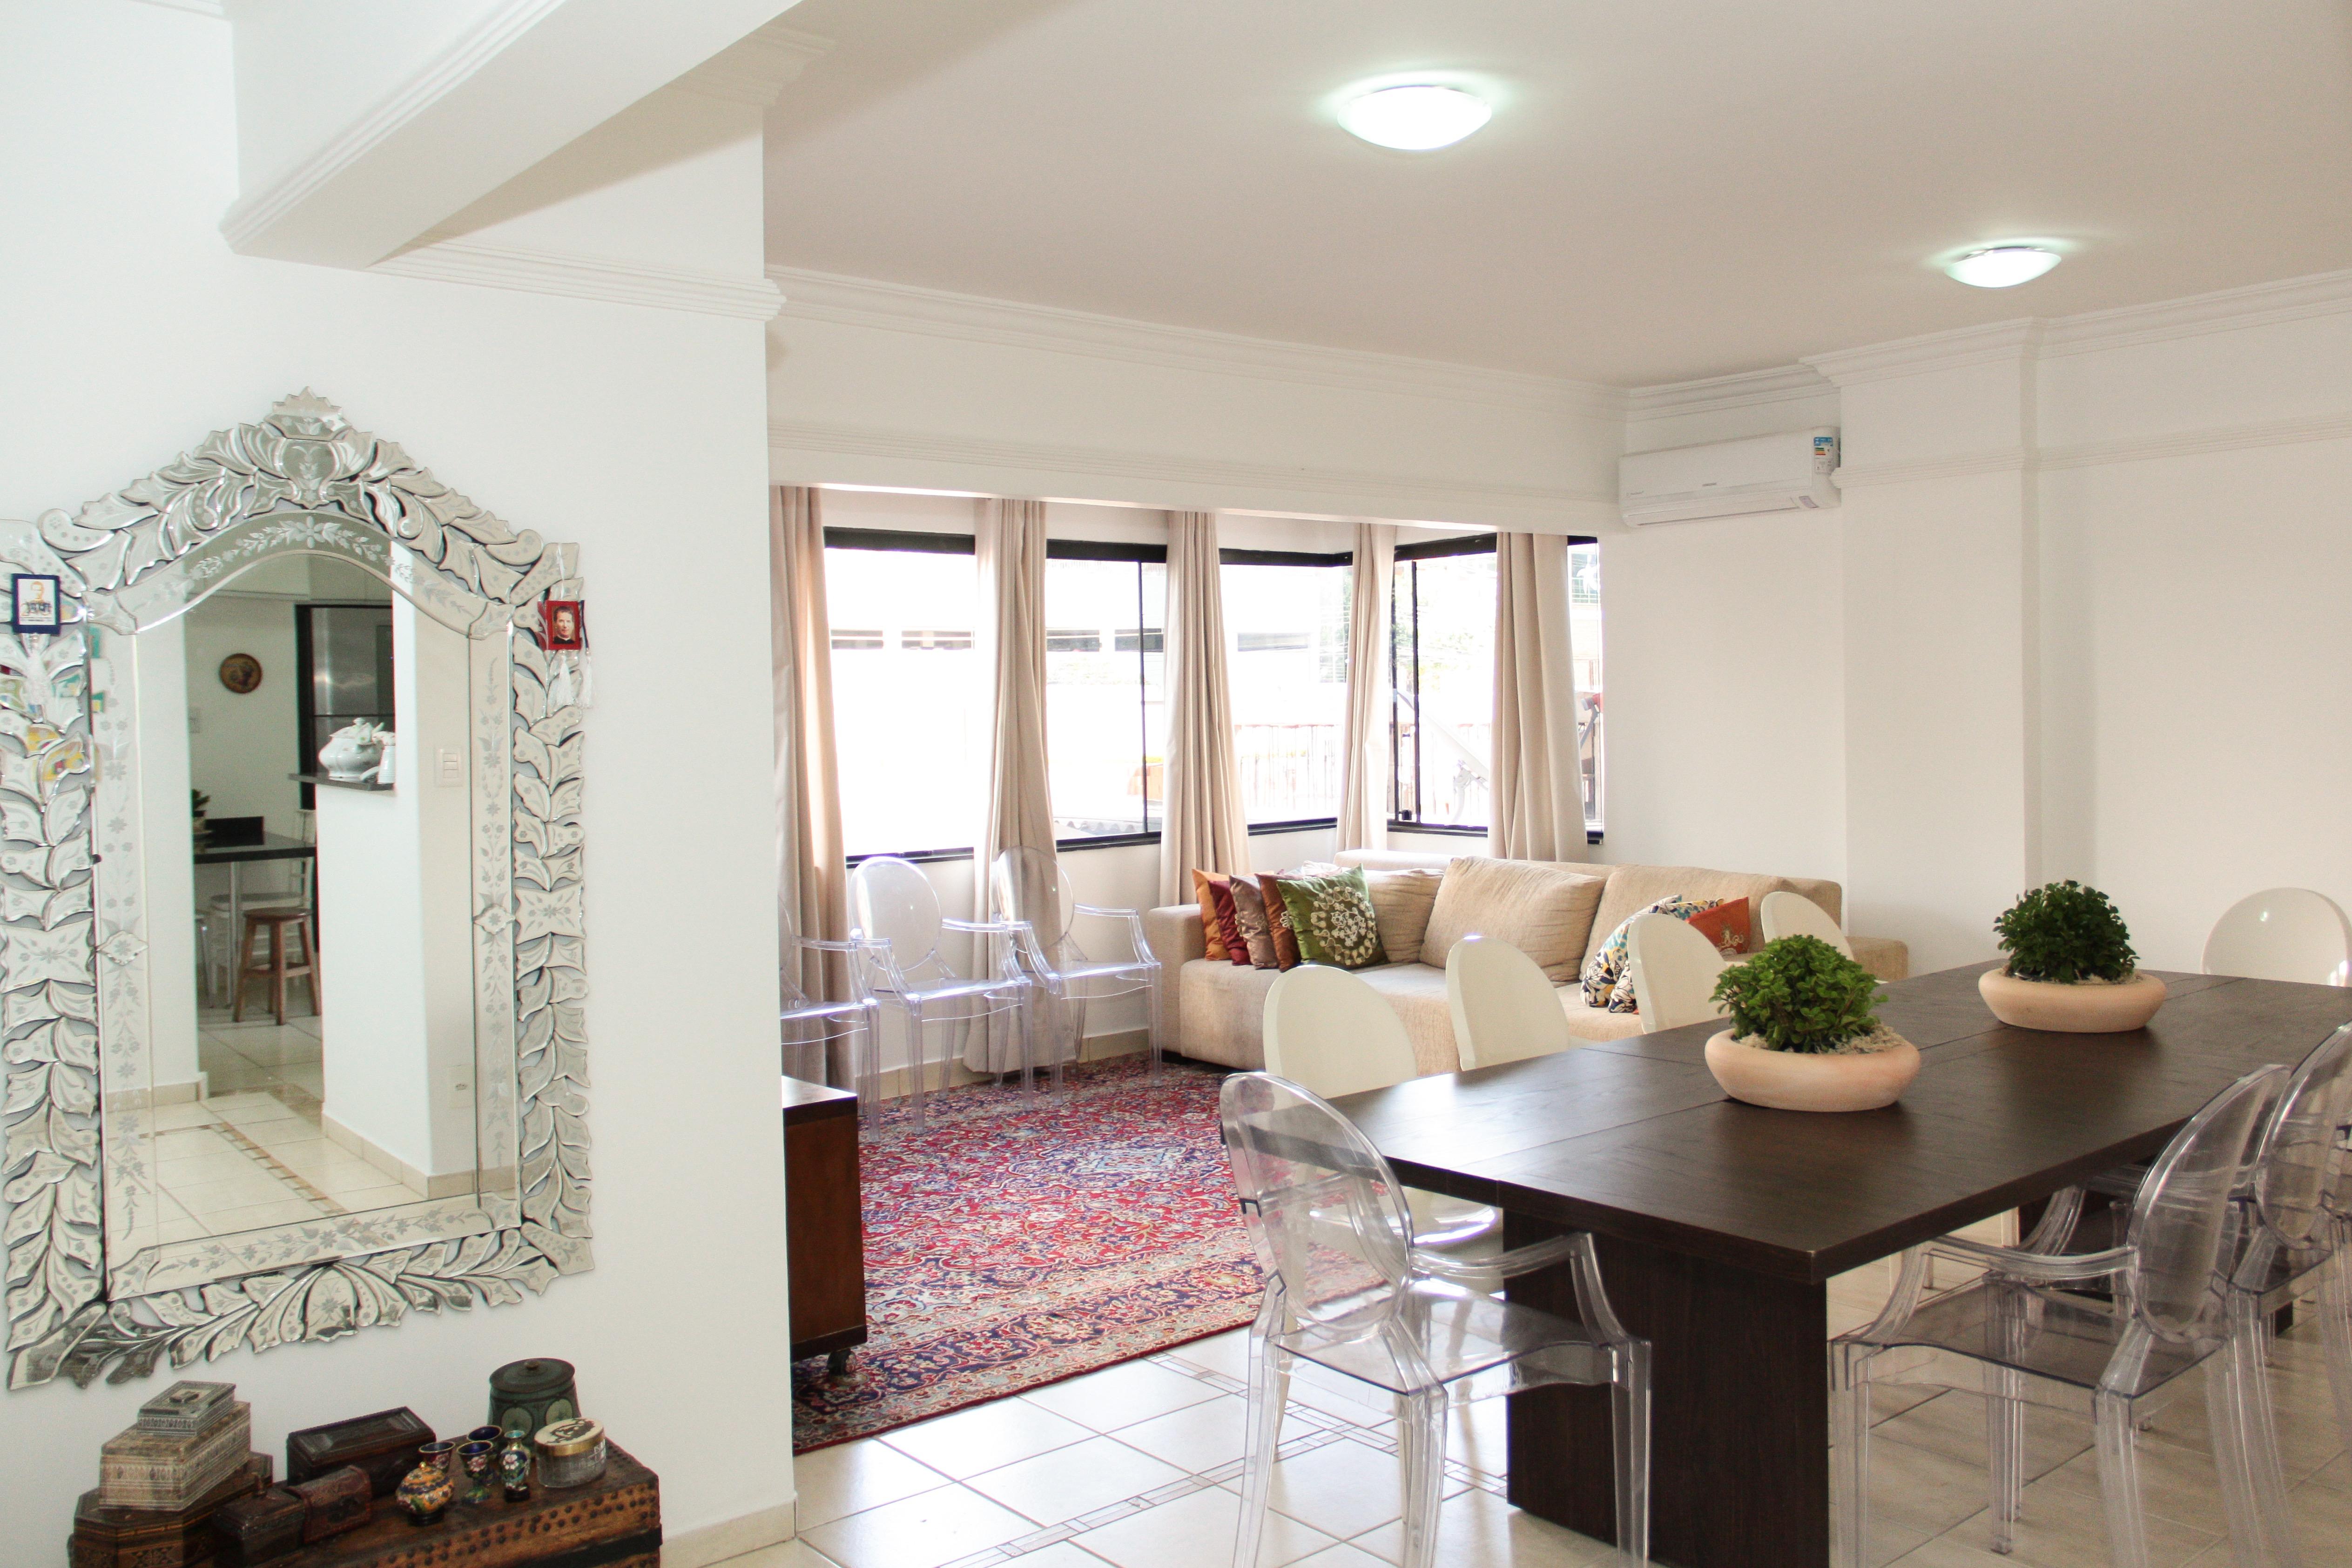 • Residencial Firenze • Charmoso e Bem Localizado 2 Apartamentos por Andar  • Sol nascente na Sala, sombra pela tarde... Tranquilidade!+venda+Goiás+Goiânia